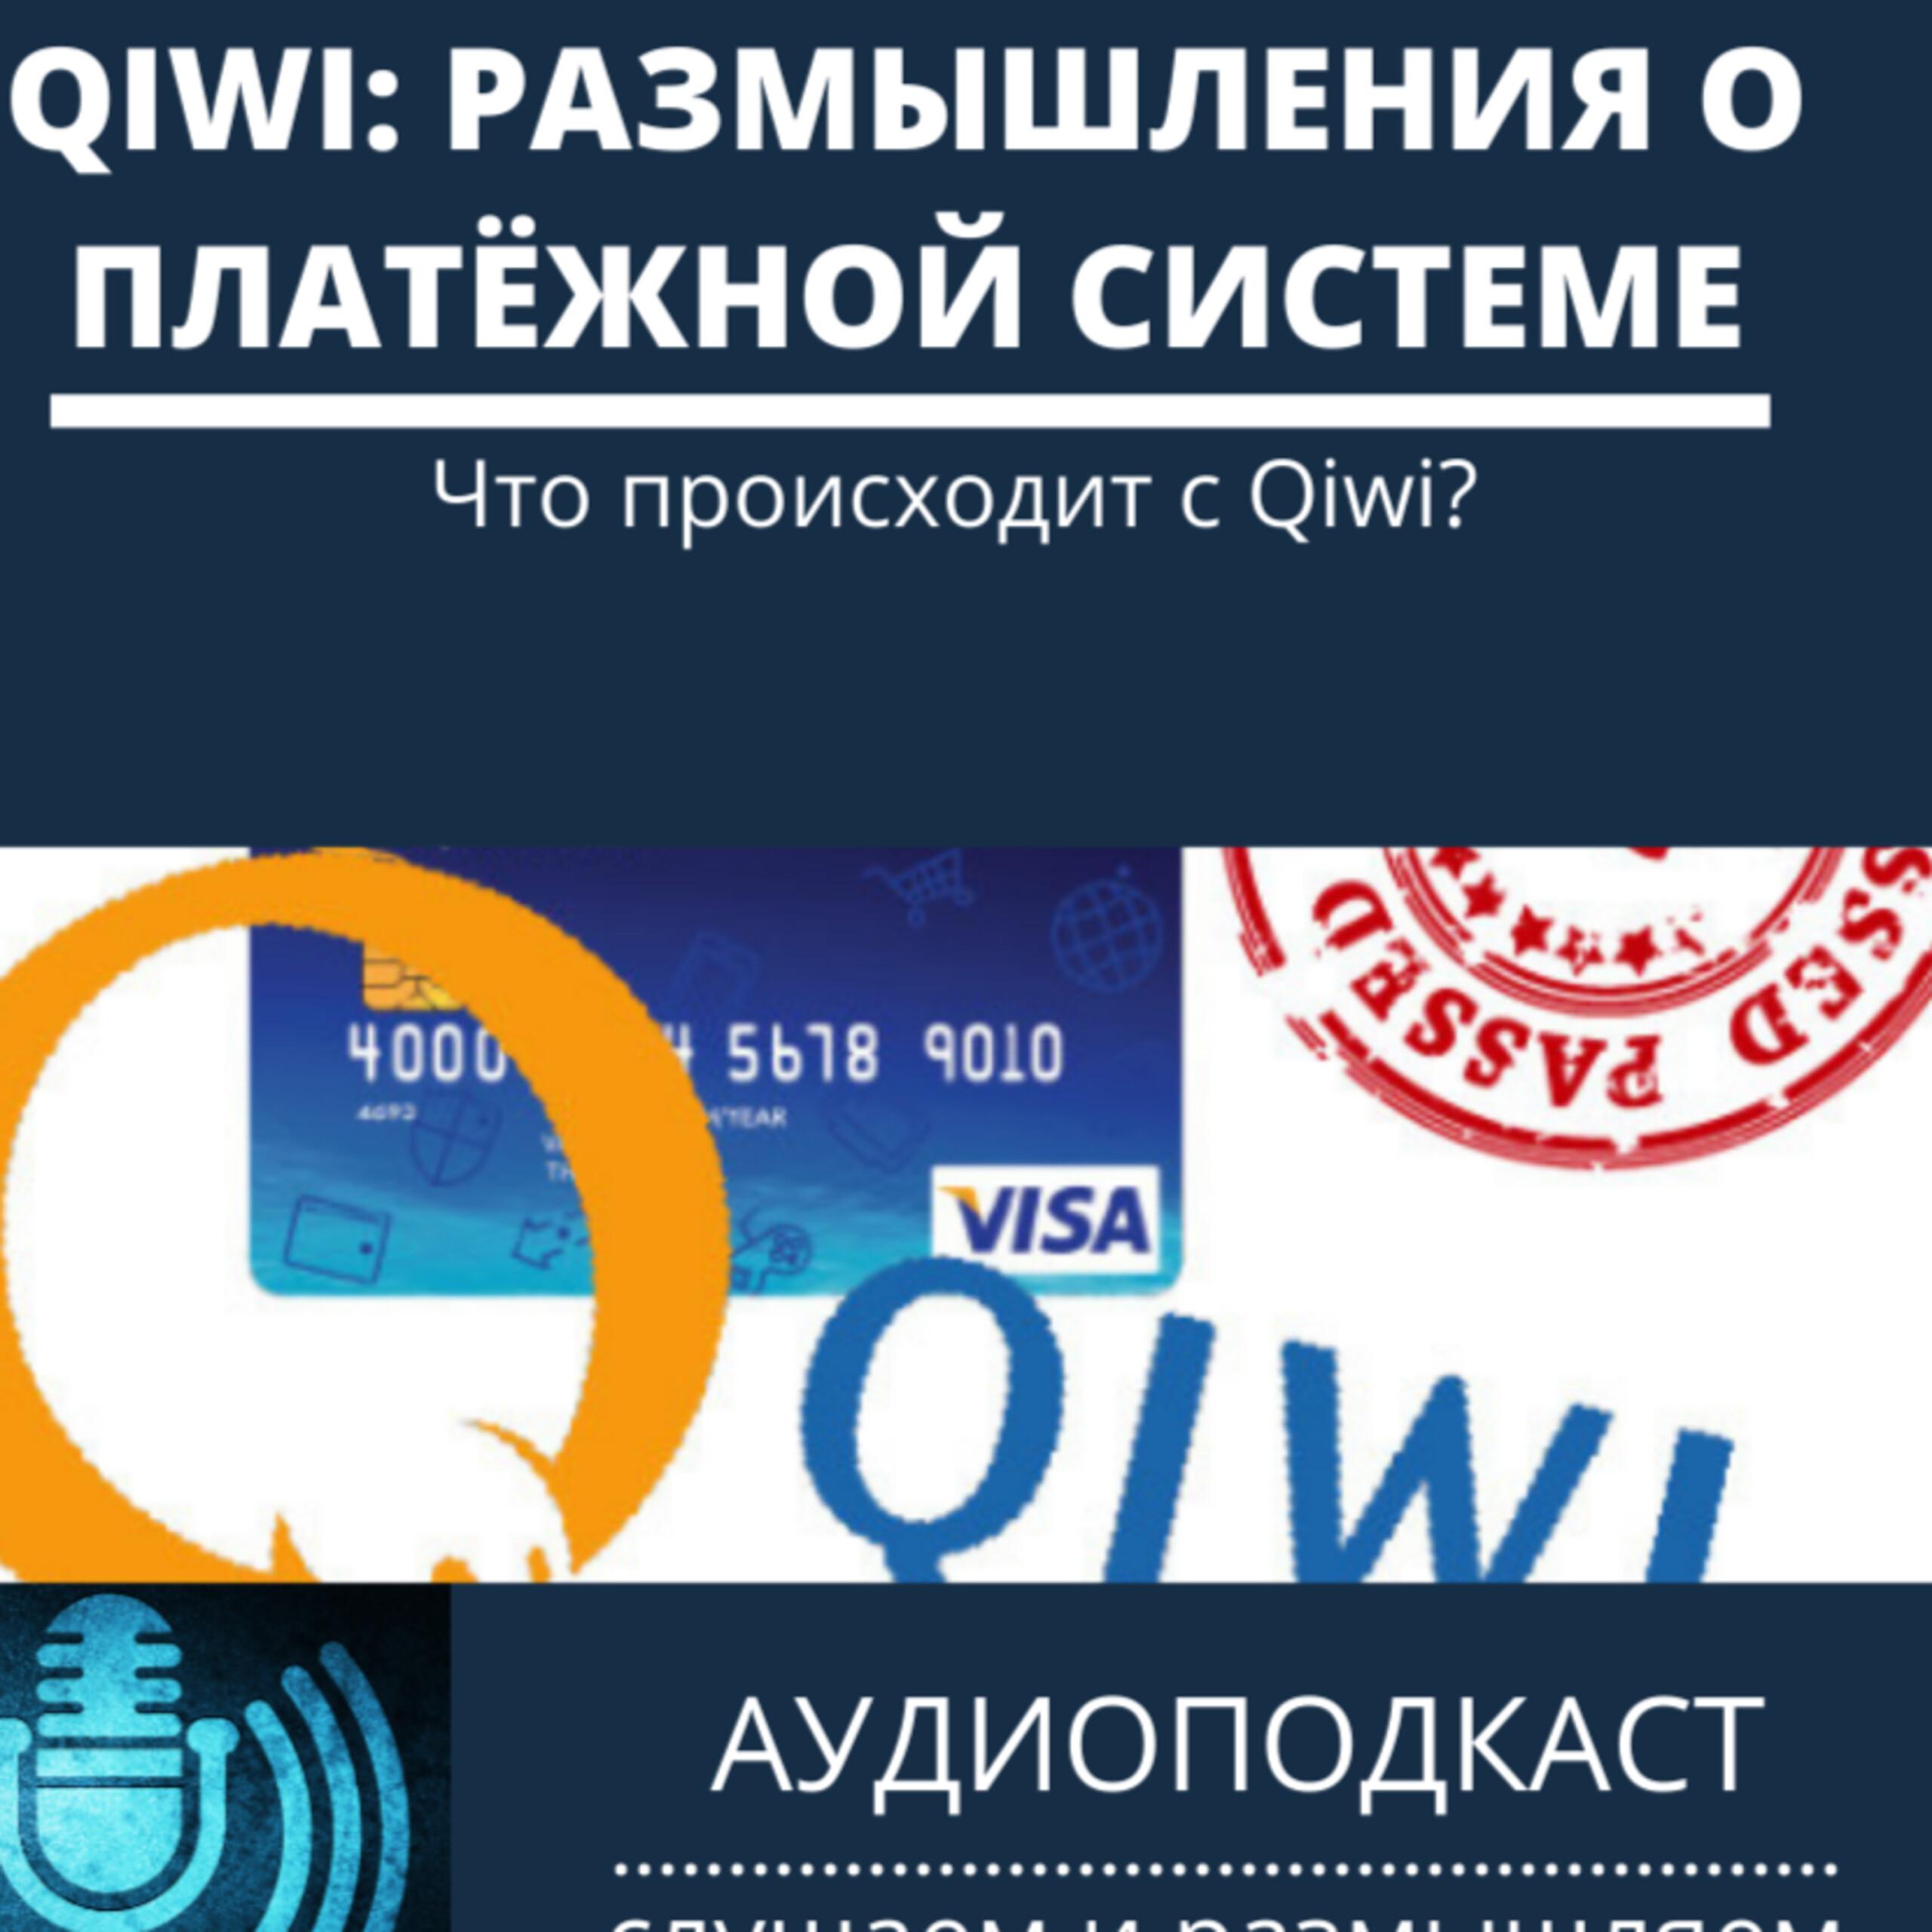 Что происходит с Qiwi платежная система КиВи